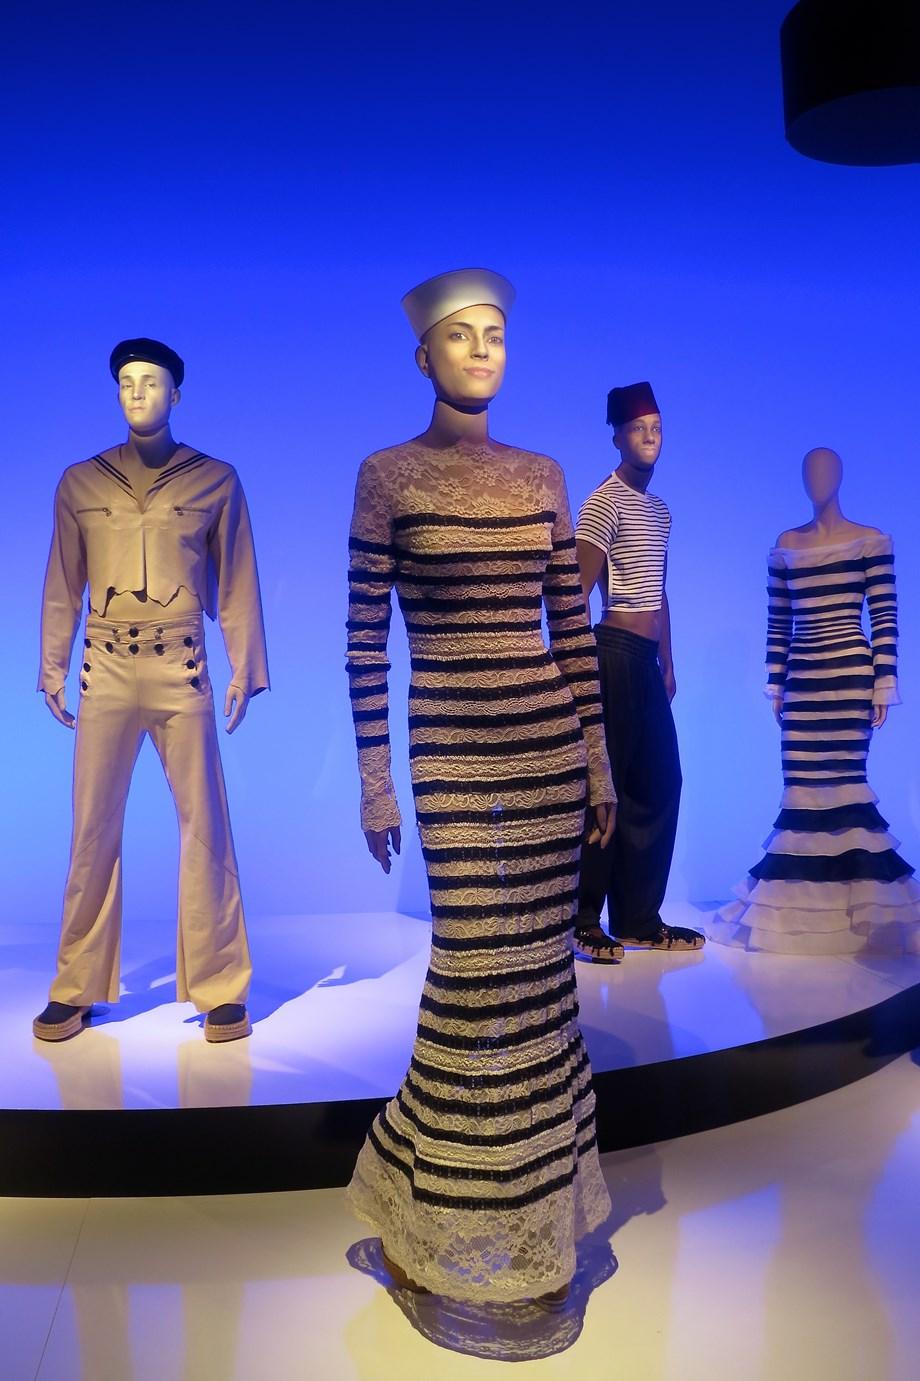 UPDATE 1-Stars flaunt Gaultier creations for designer's finale in Paris